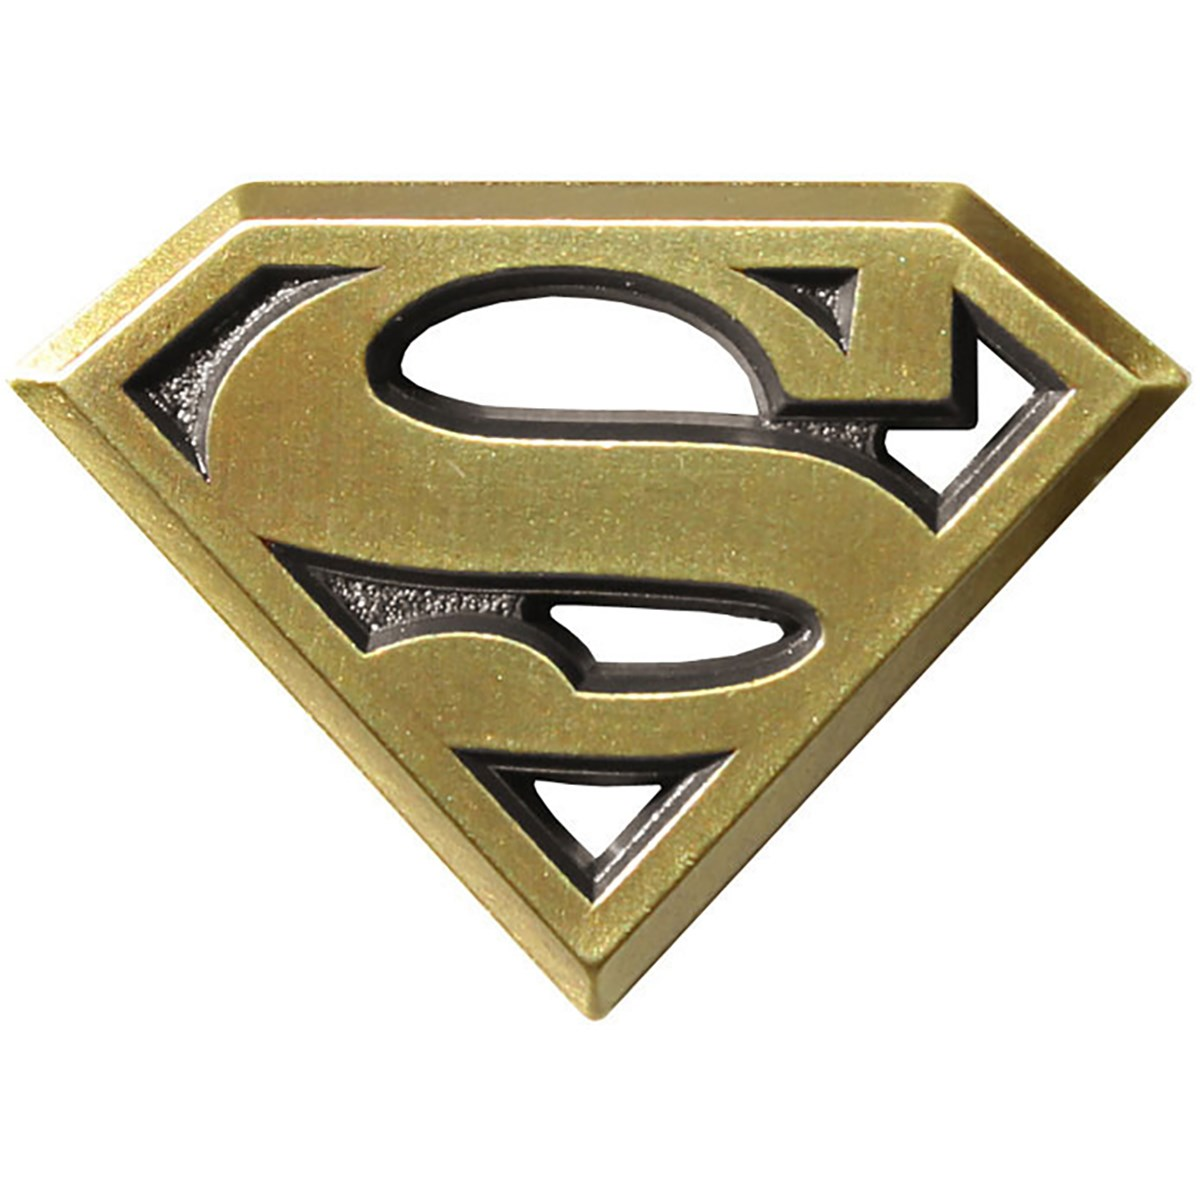 スーパーマン ビッグマーカー ゴールド